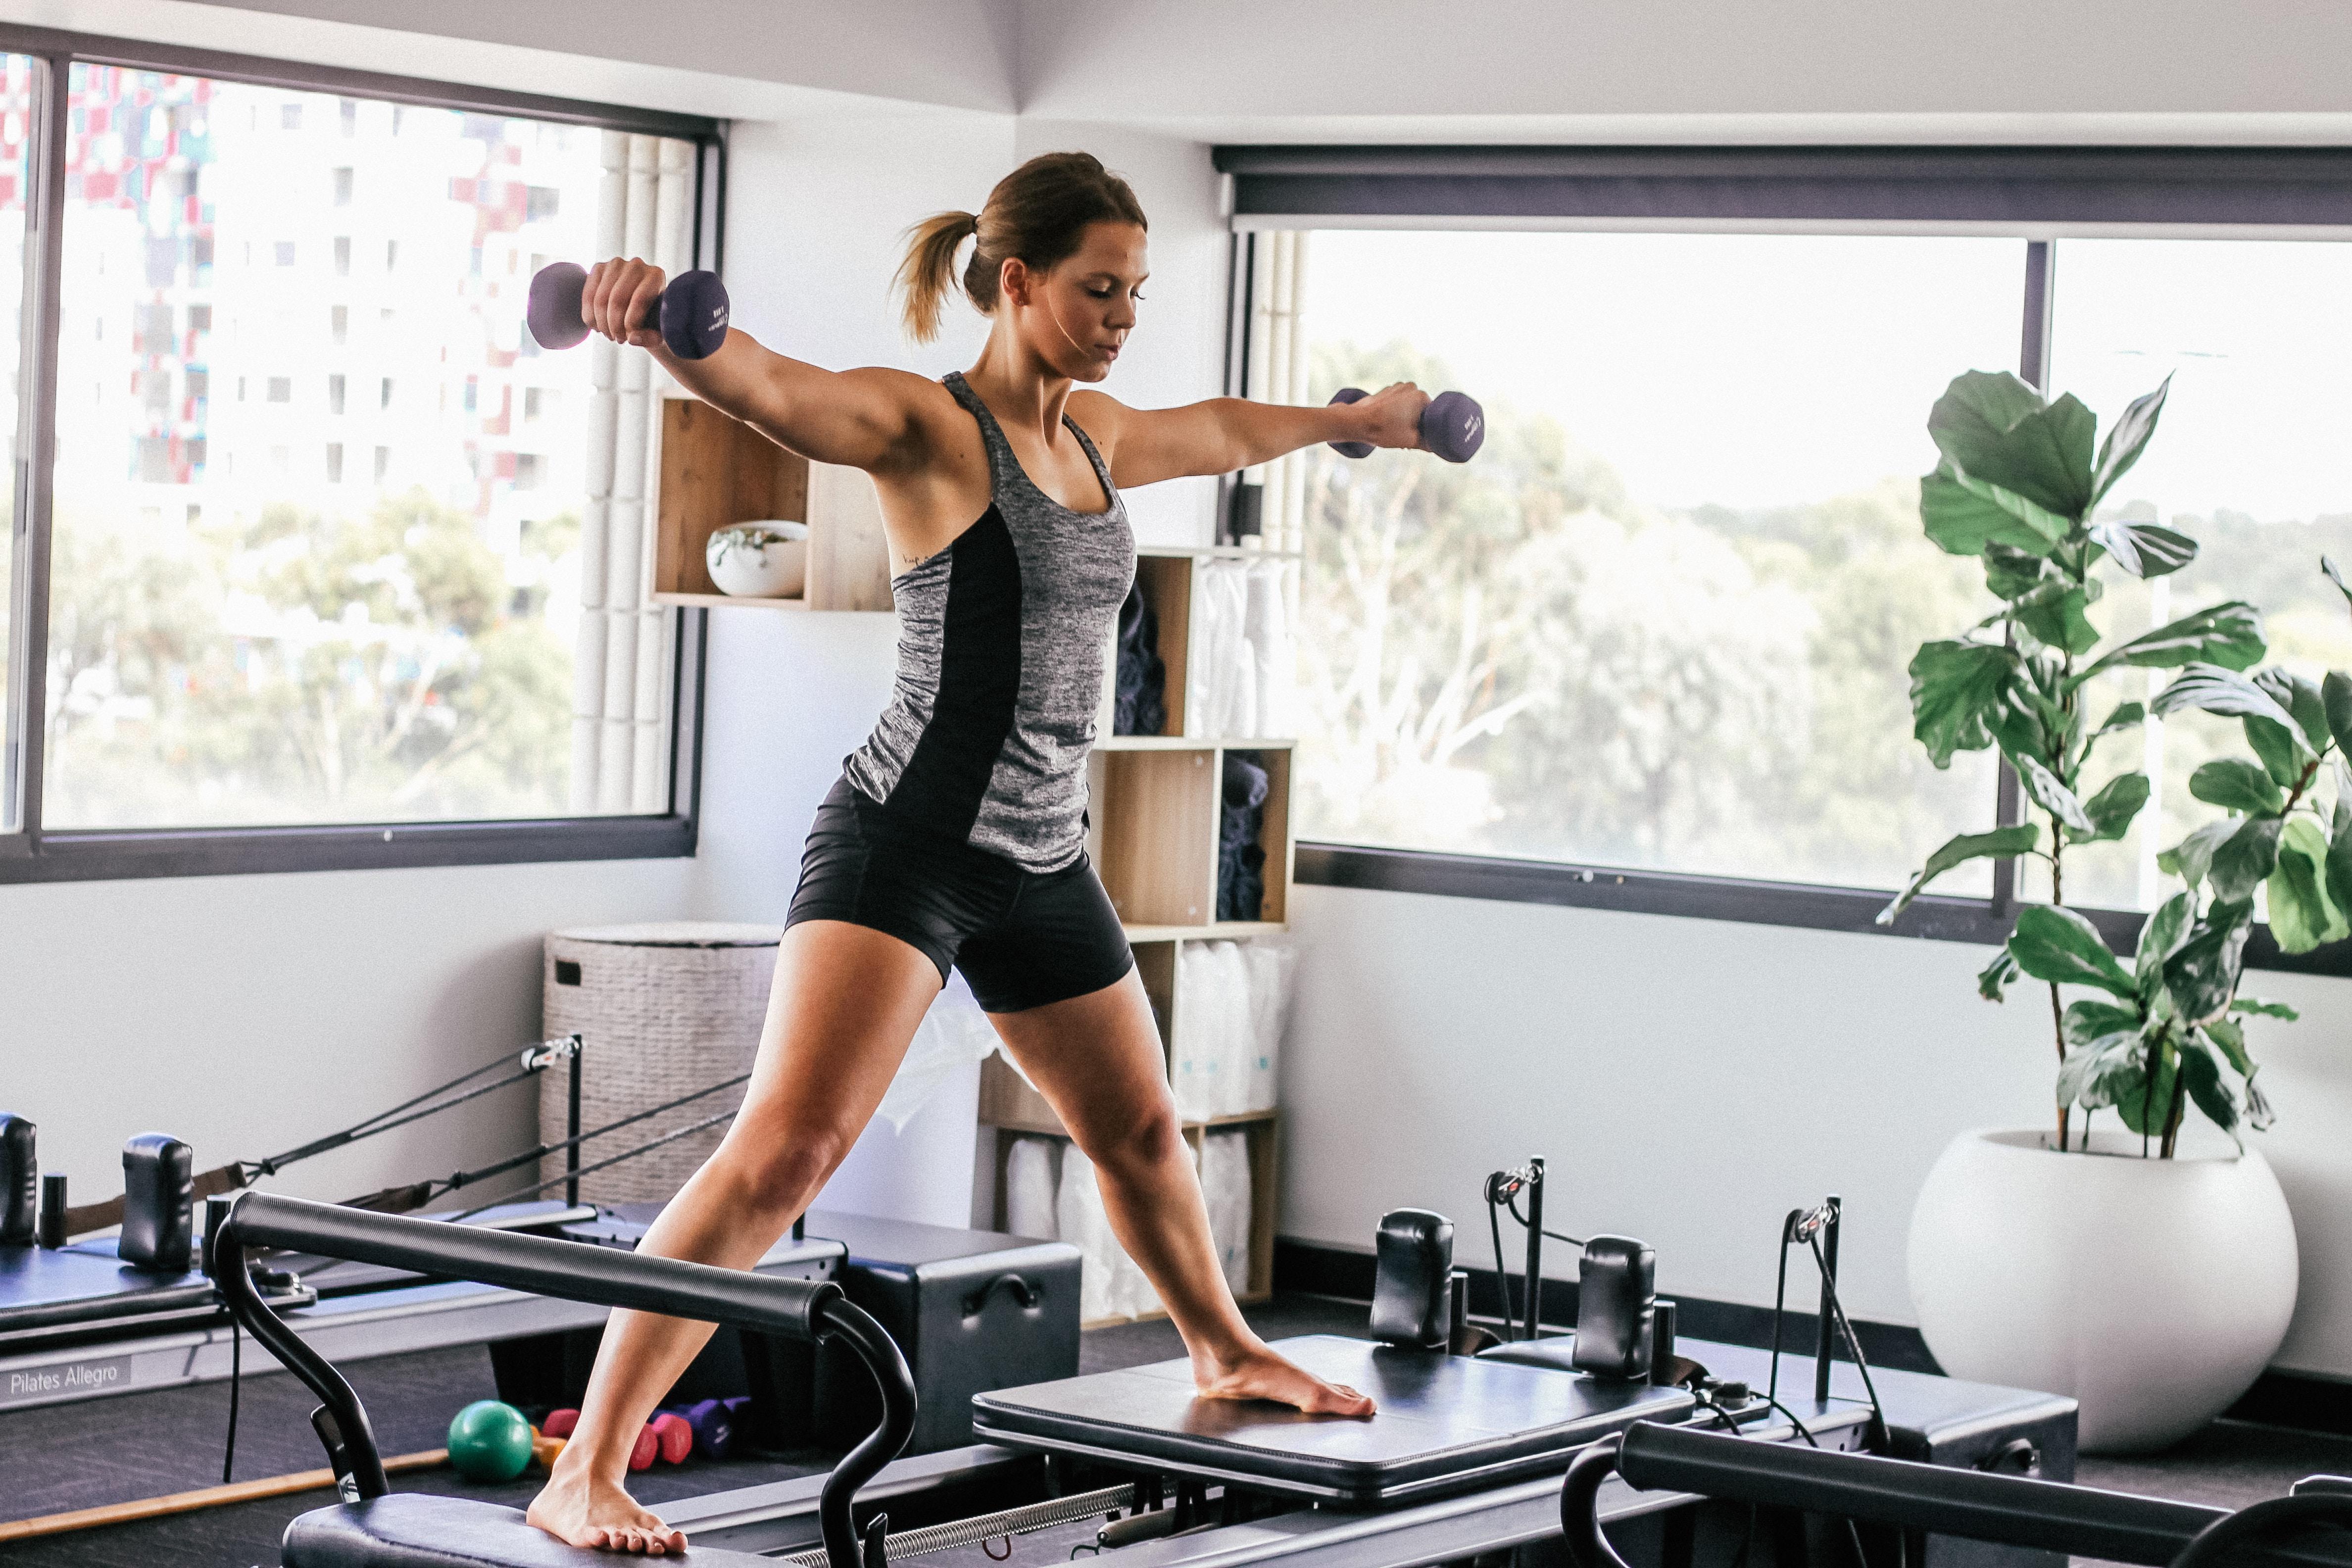 woman doing exercise inside white room